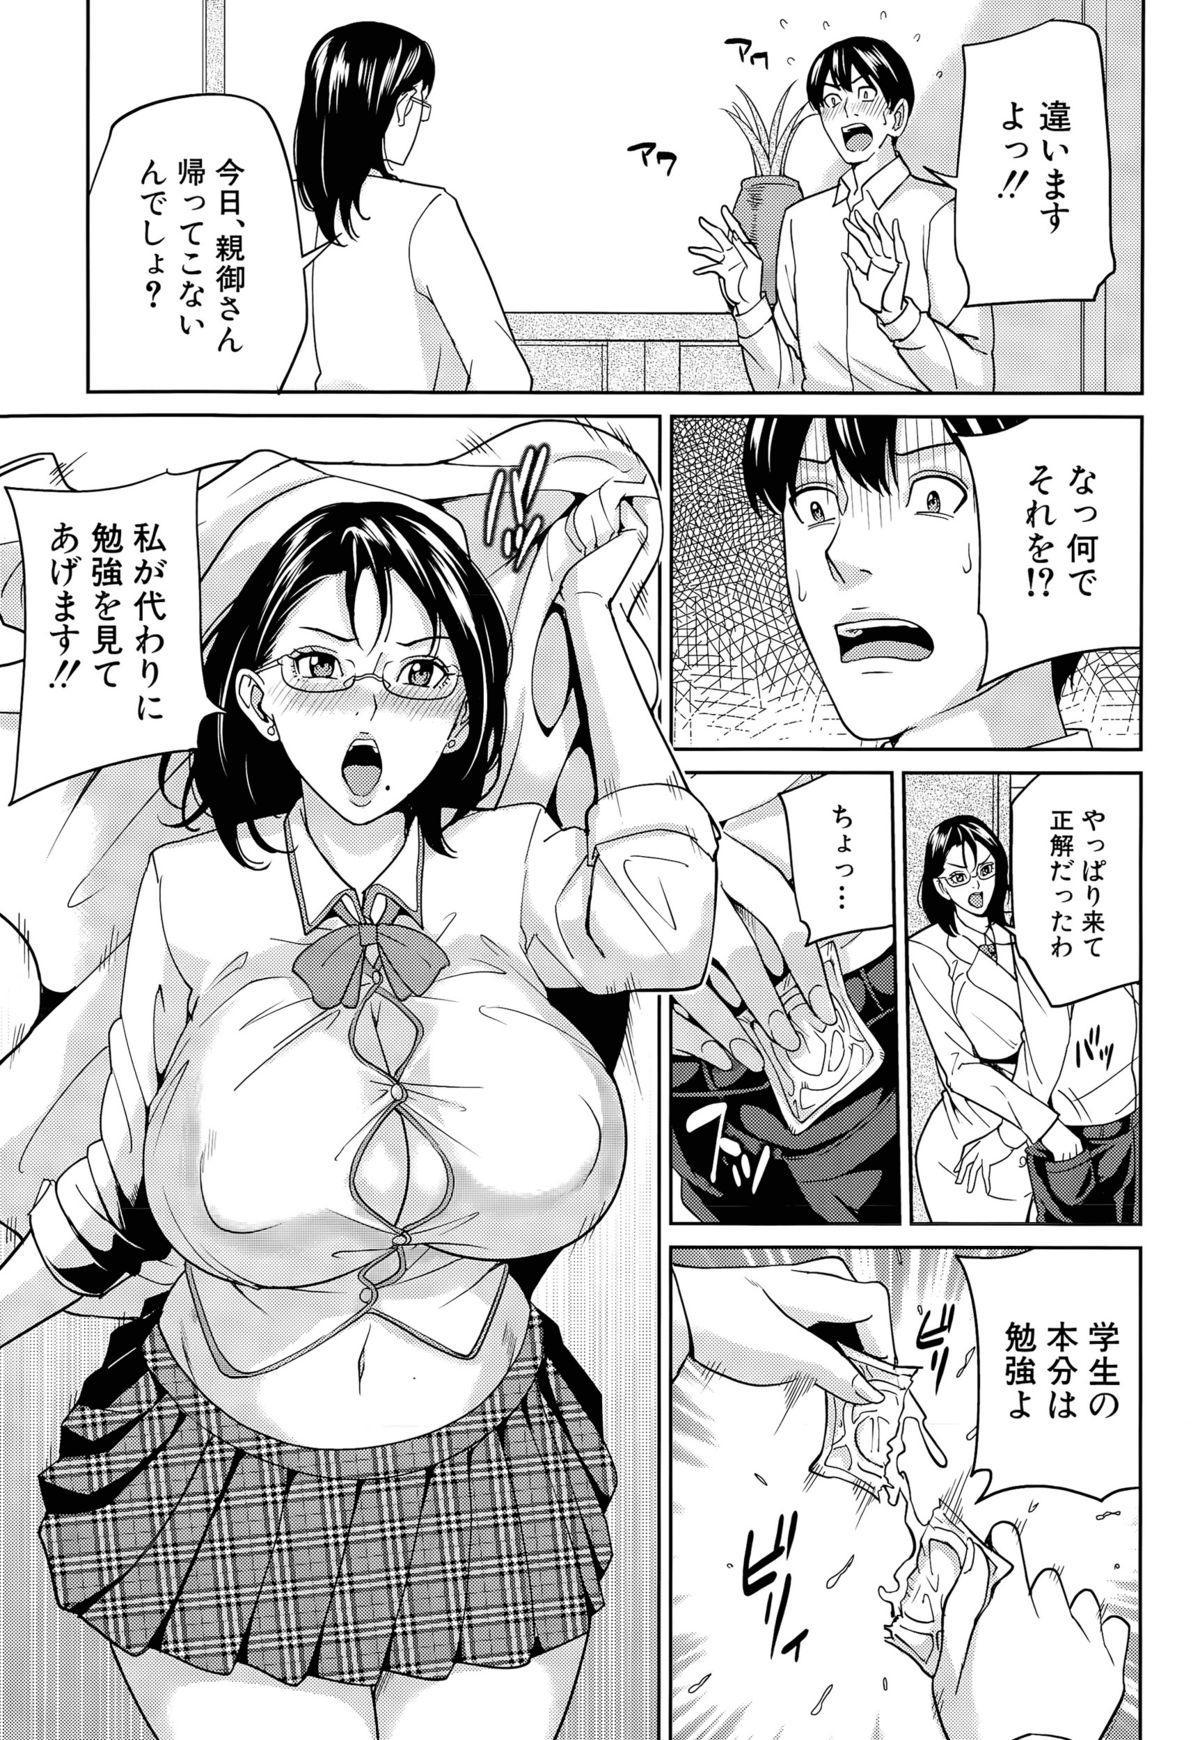 Kyouko Sensei to Boku no Himitsu 38